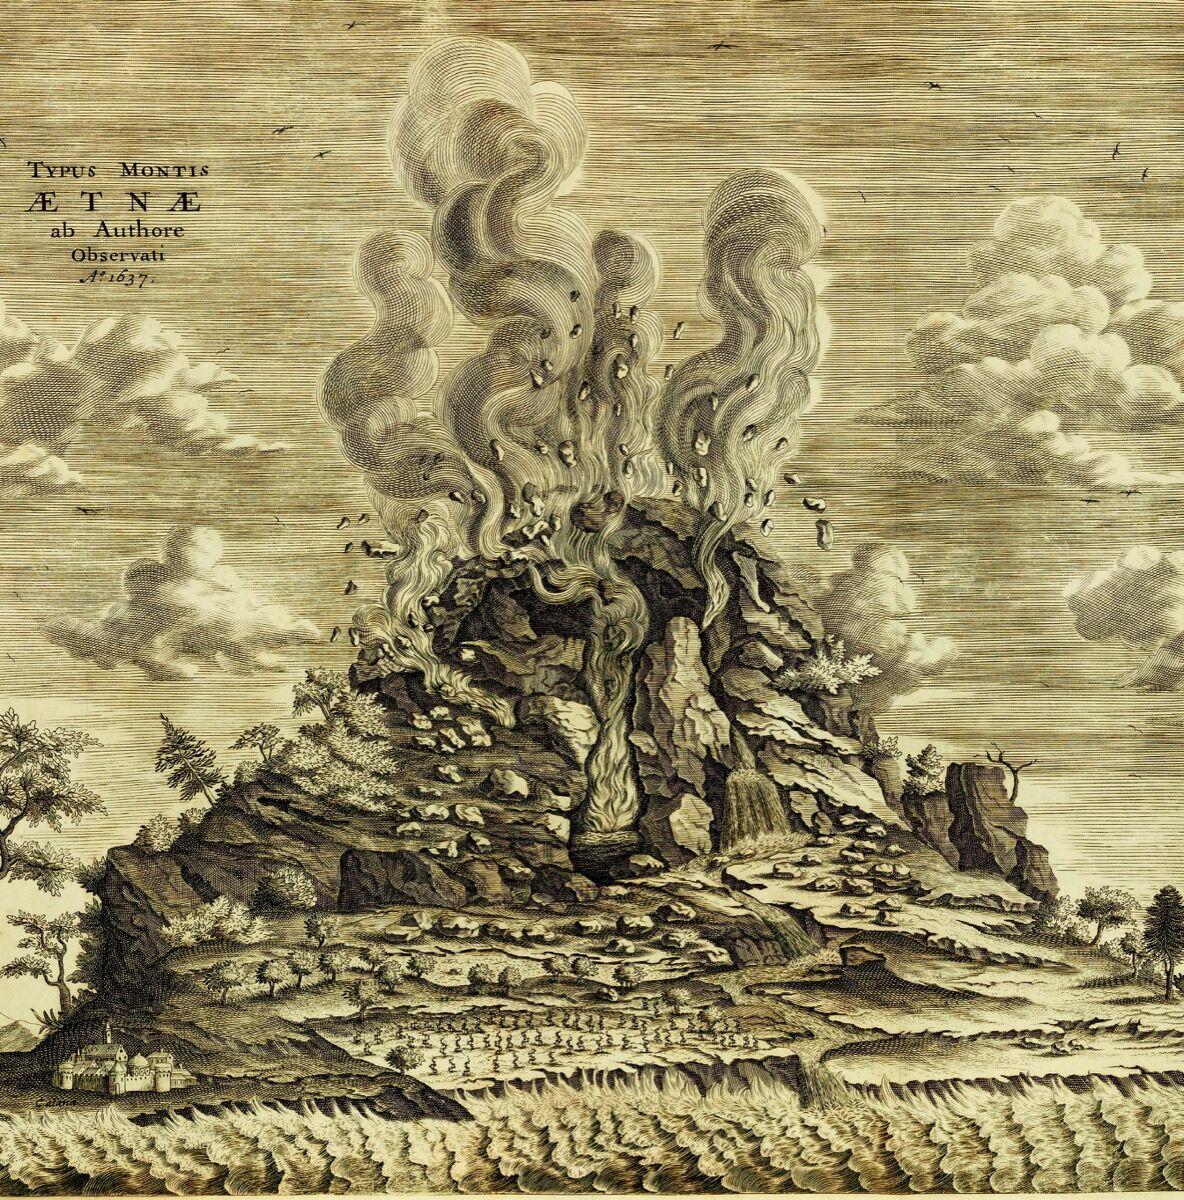 Mount Etna, 1637, from Athanasius Kircher'sMundus Subterraneus,1665. Courtesy Bodleian Libraries, University of Oxford.